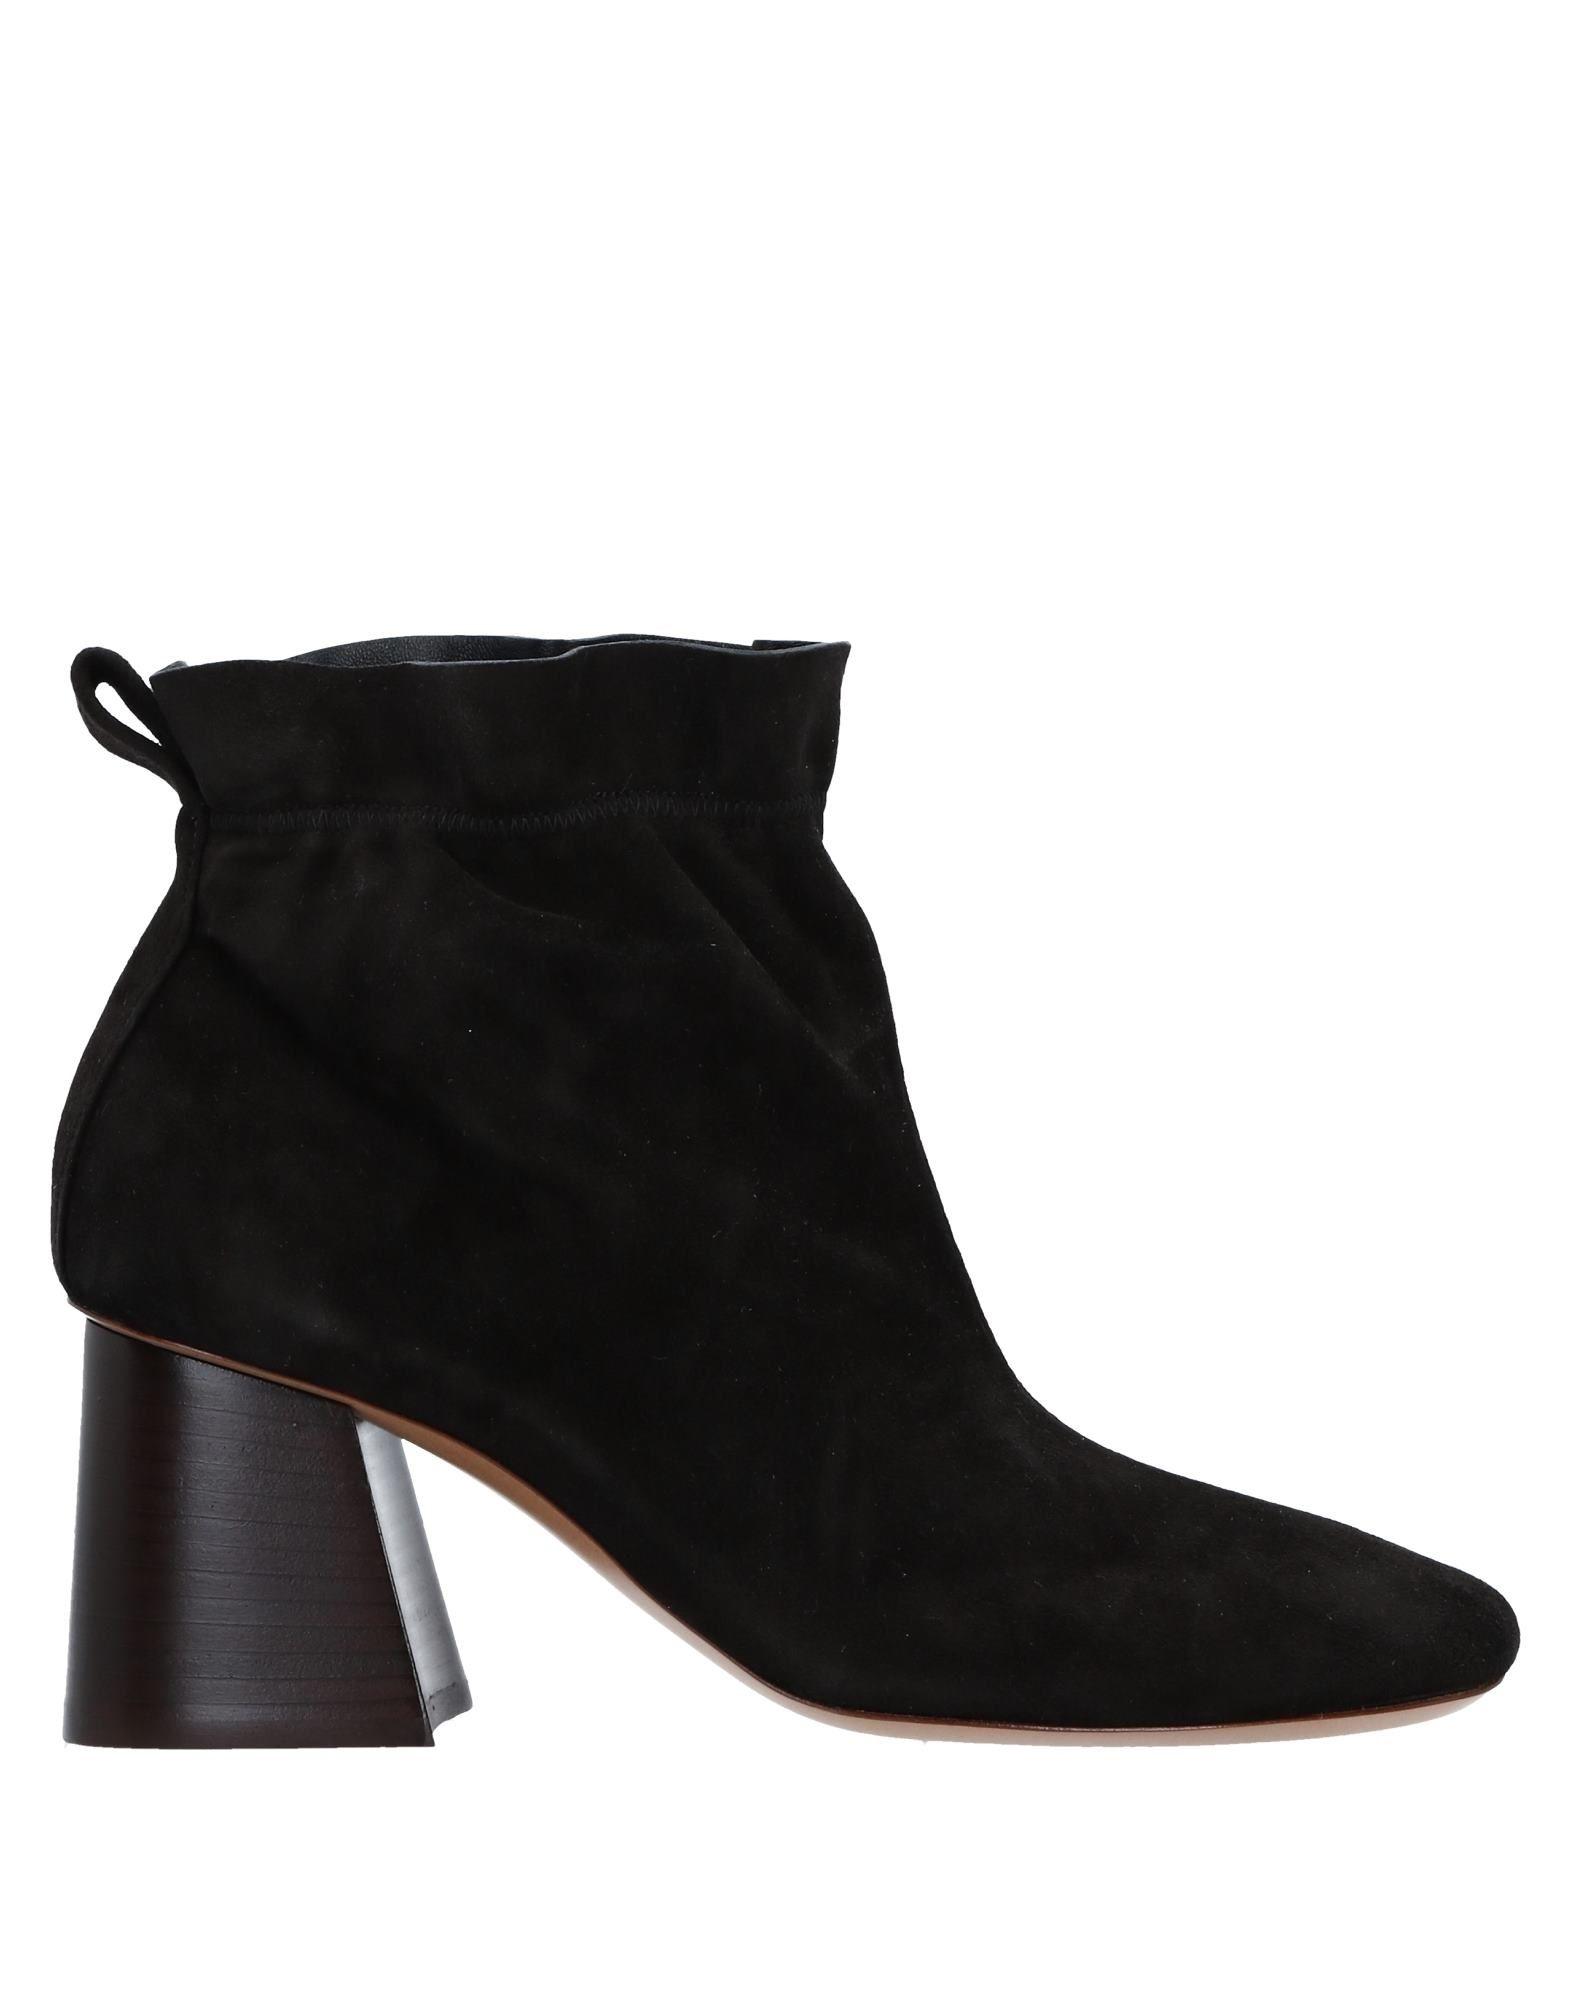 Céline Stiefelette Damen  11529082SWGünstige gut aussehende Schuhe